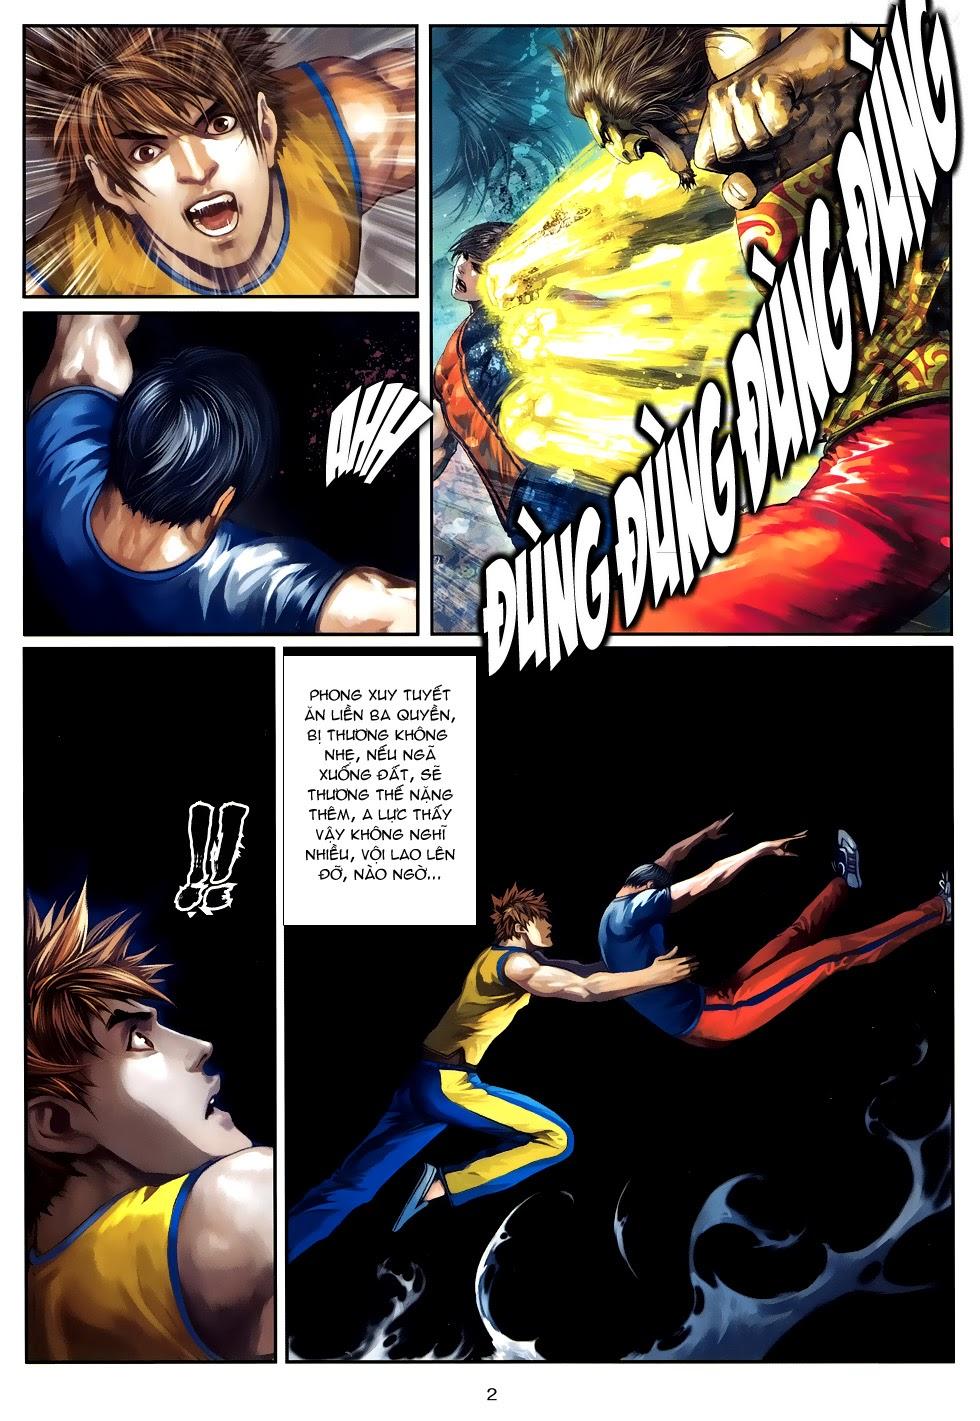 Quyền Đạo chapter 10 trang 2